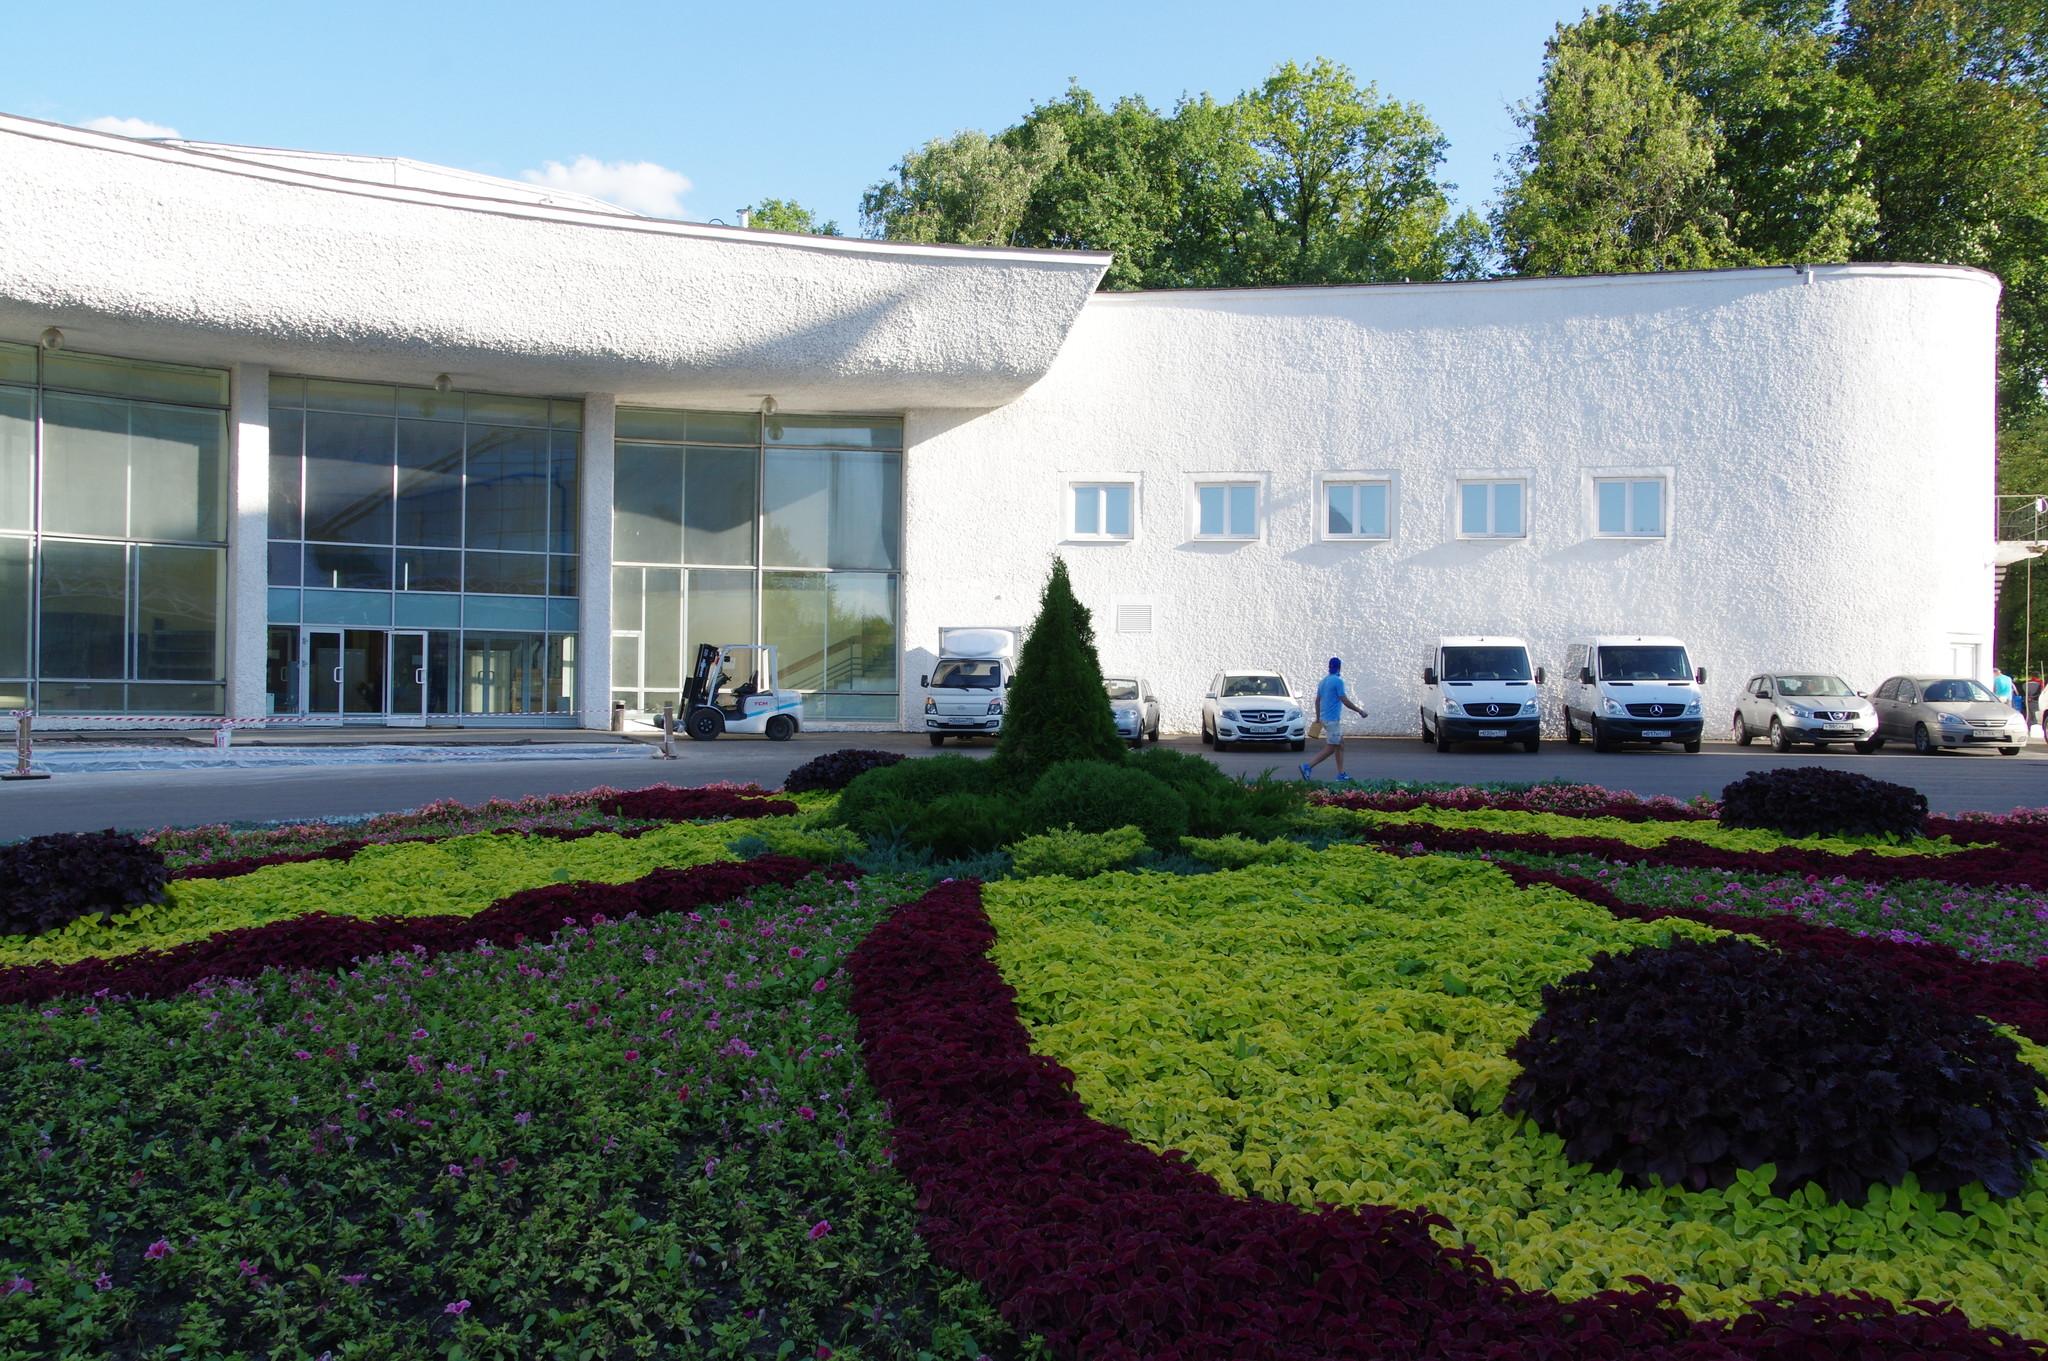 Павильон № 21 «Газовая промышленность» (проспект Мира, дом 119, строение 21)